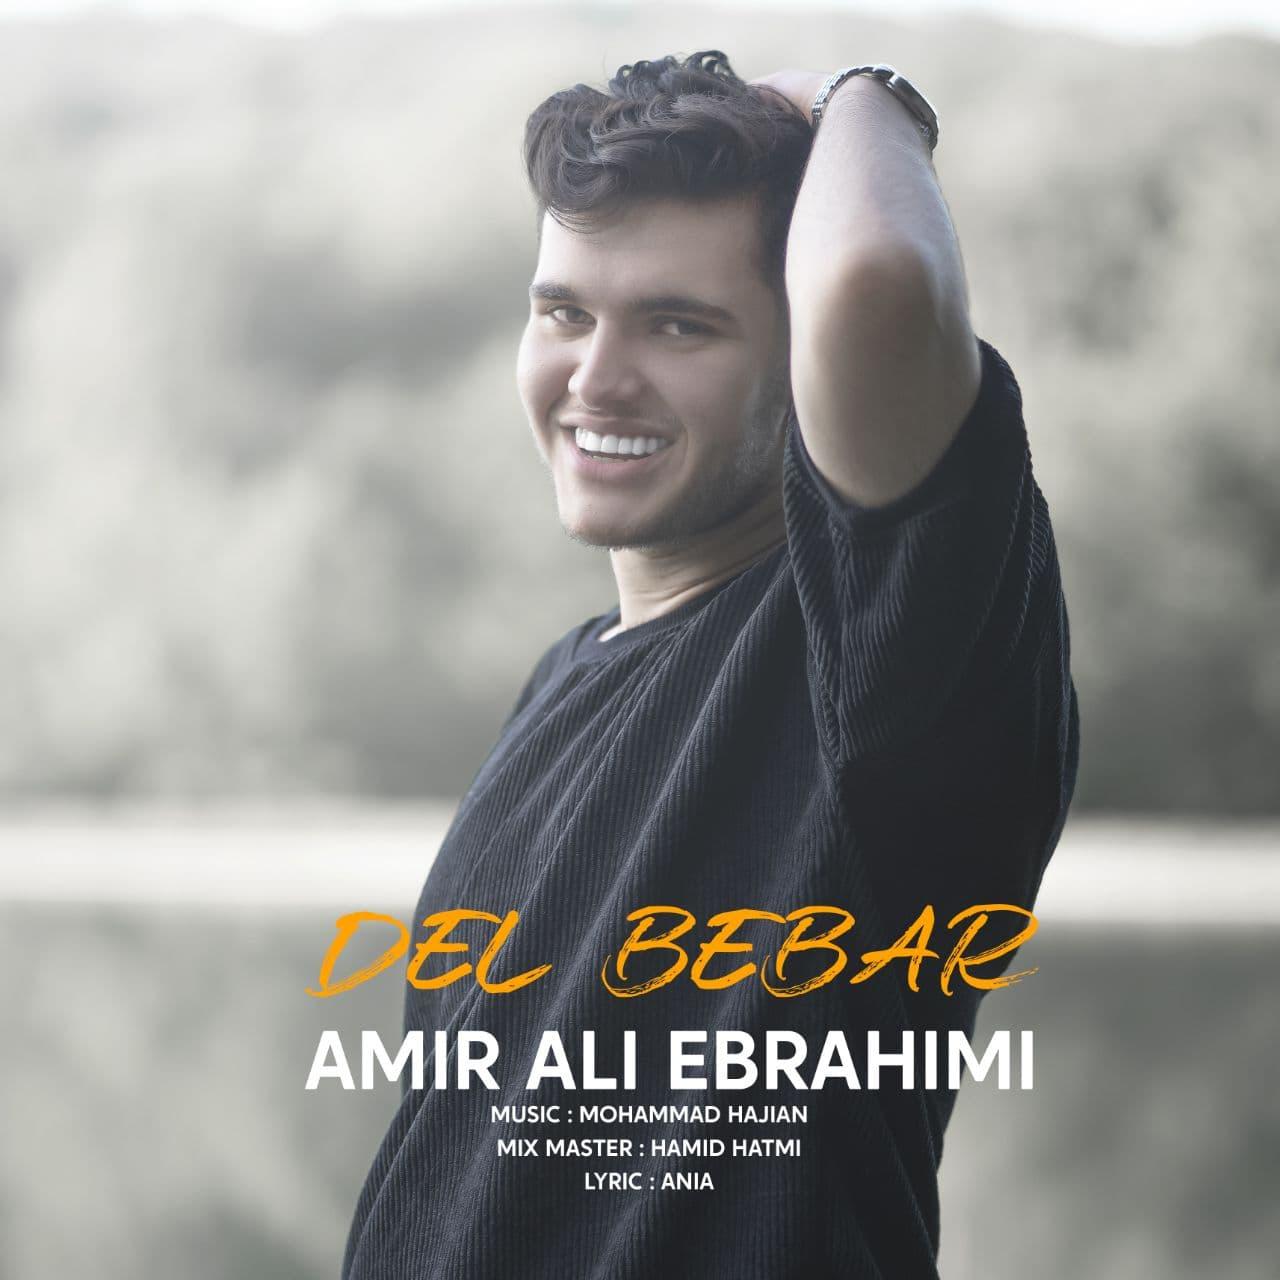 دانلود آهنگ جدید امیر علی ابراهیمی به نام دل ببر